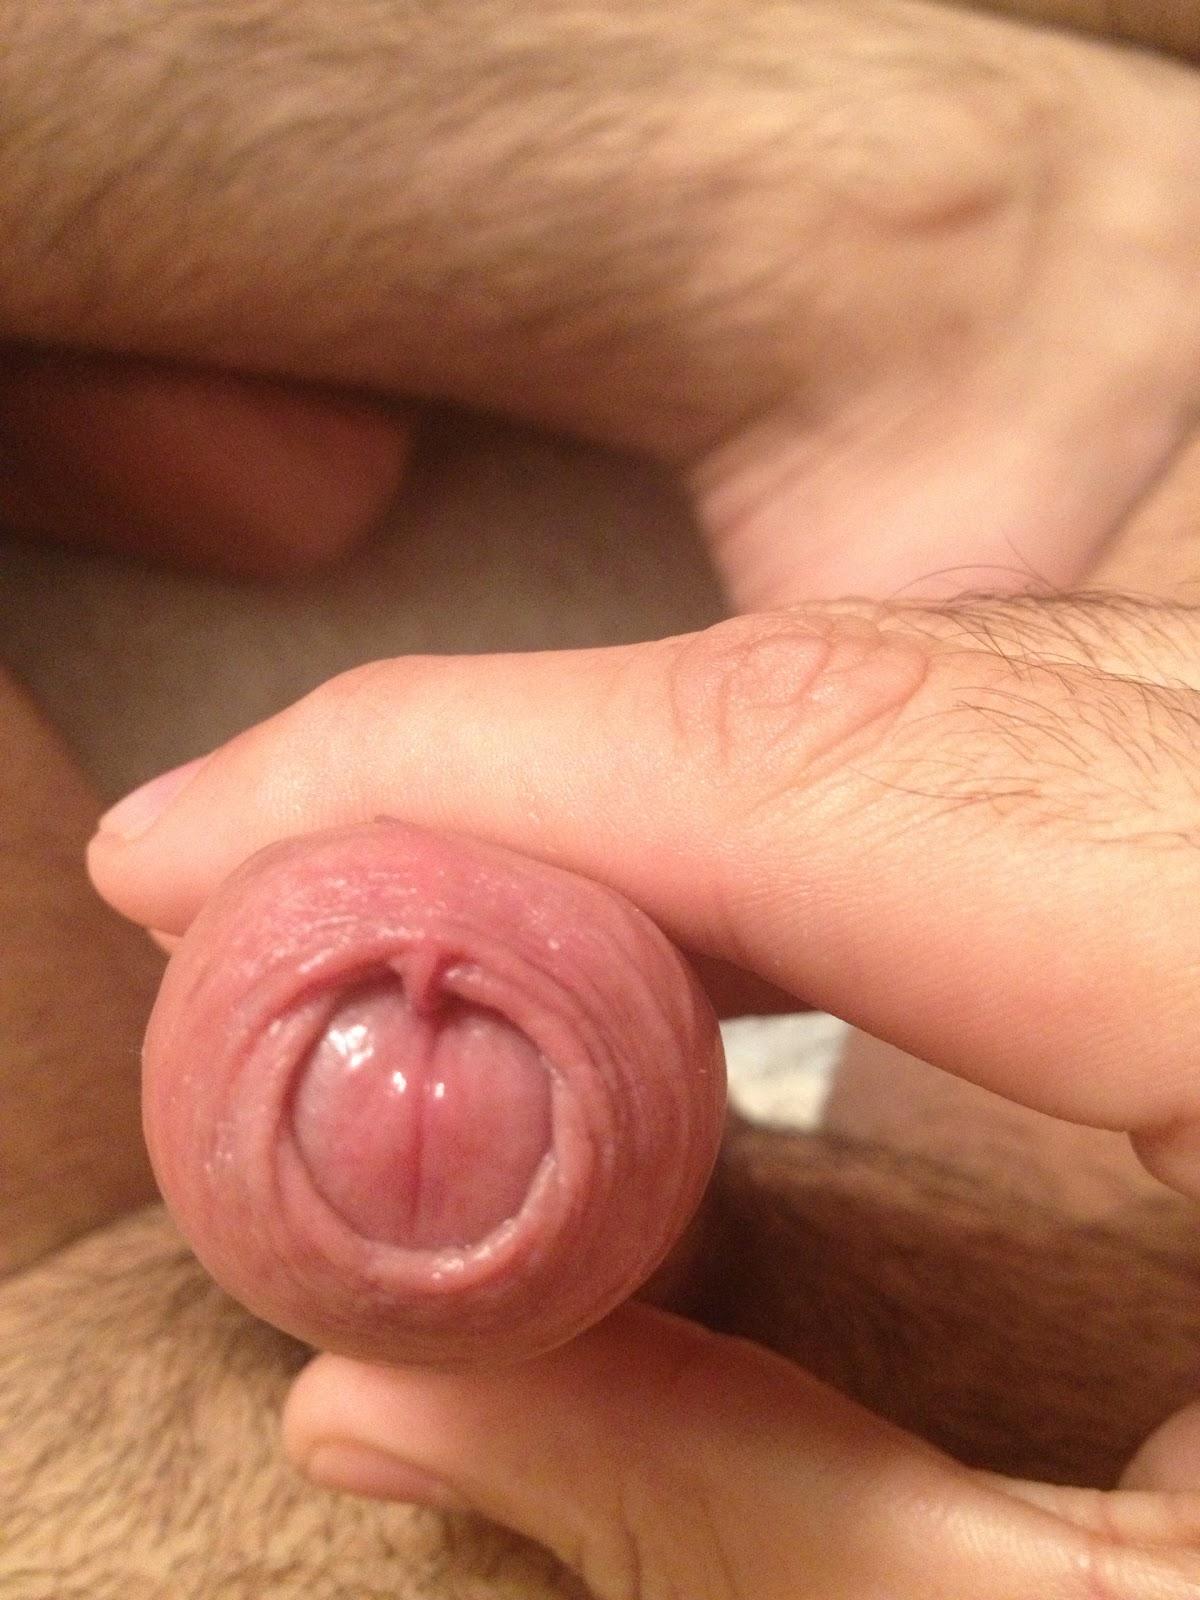 adult circumcision My